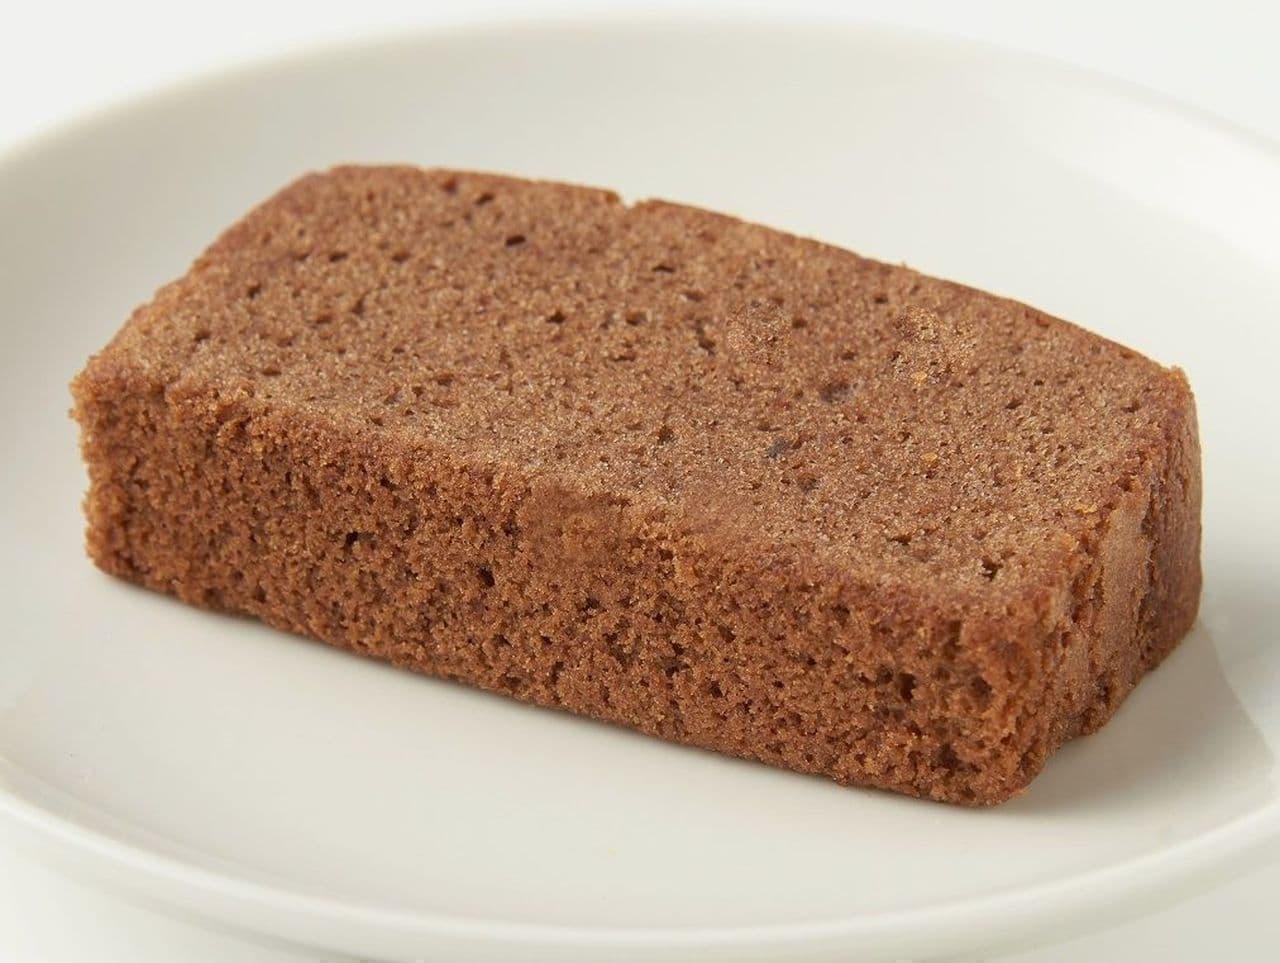 無印良品「ショコラパウンドケーキ」